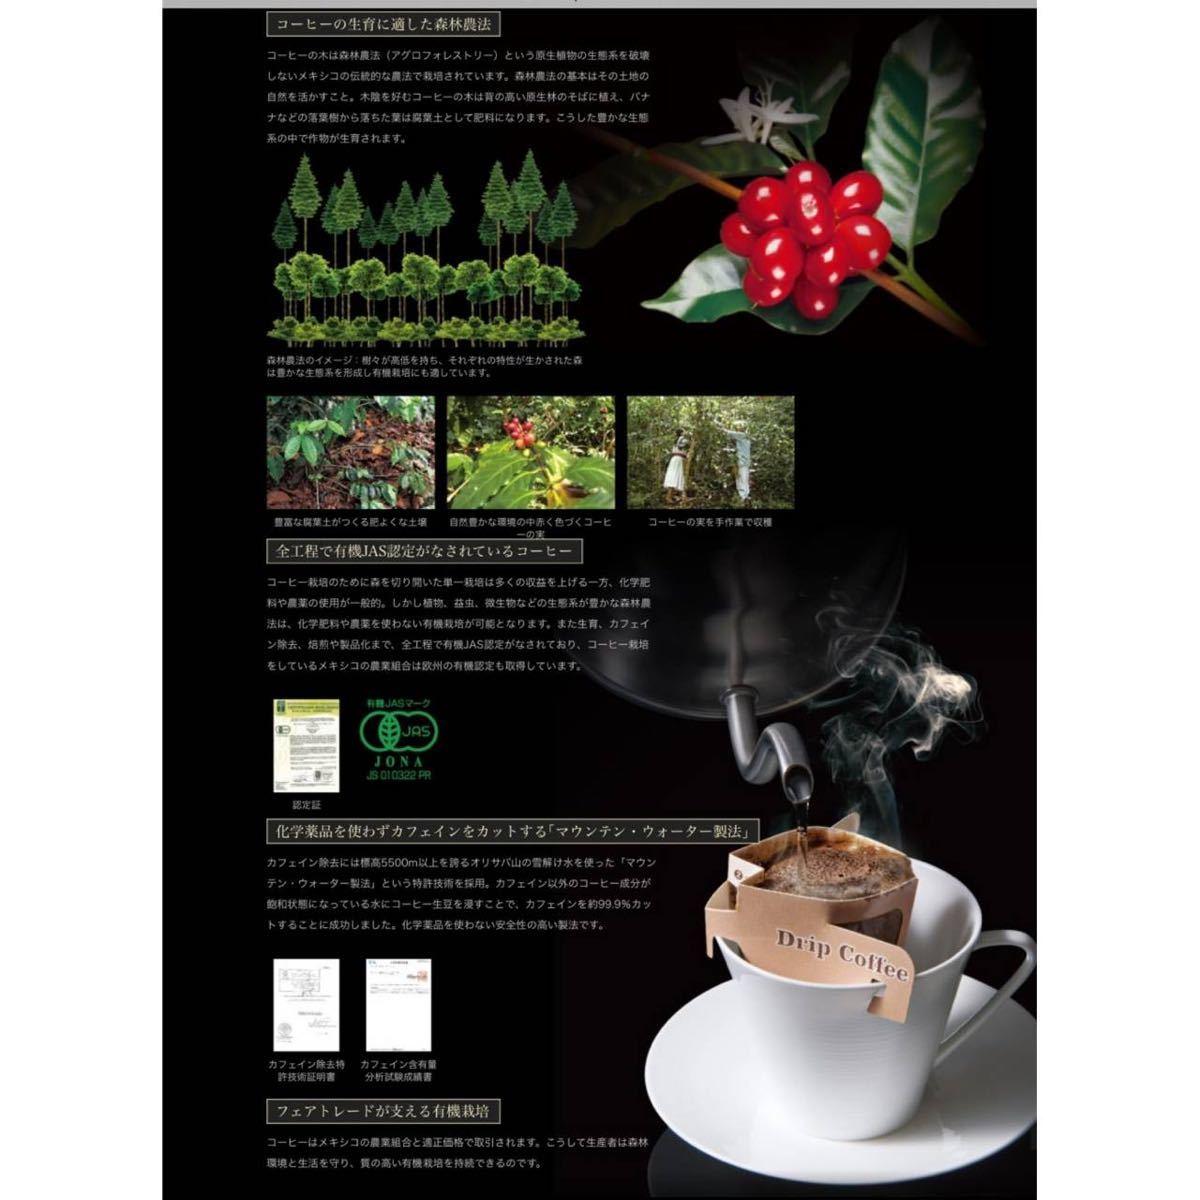 【新品】オーガニック カフェインレス ドリップコーヒー 40袋 エステプロラボ